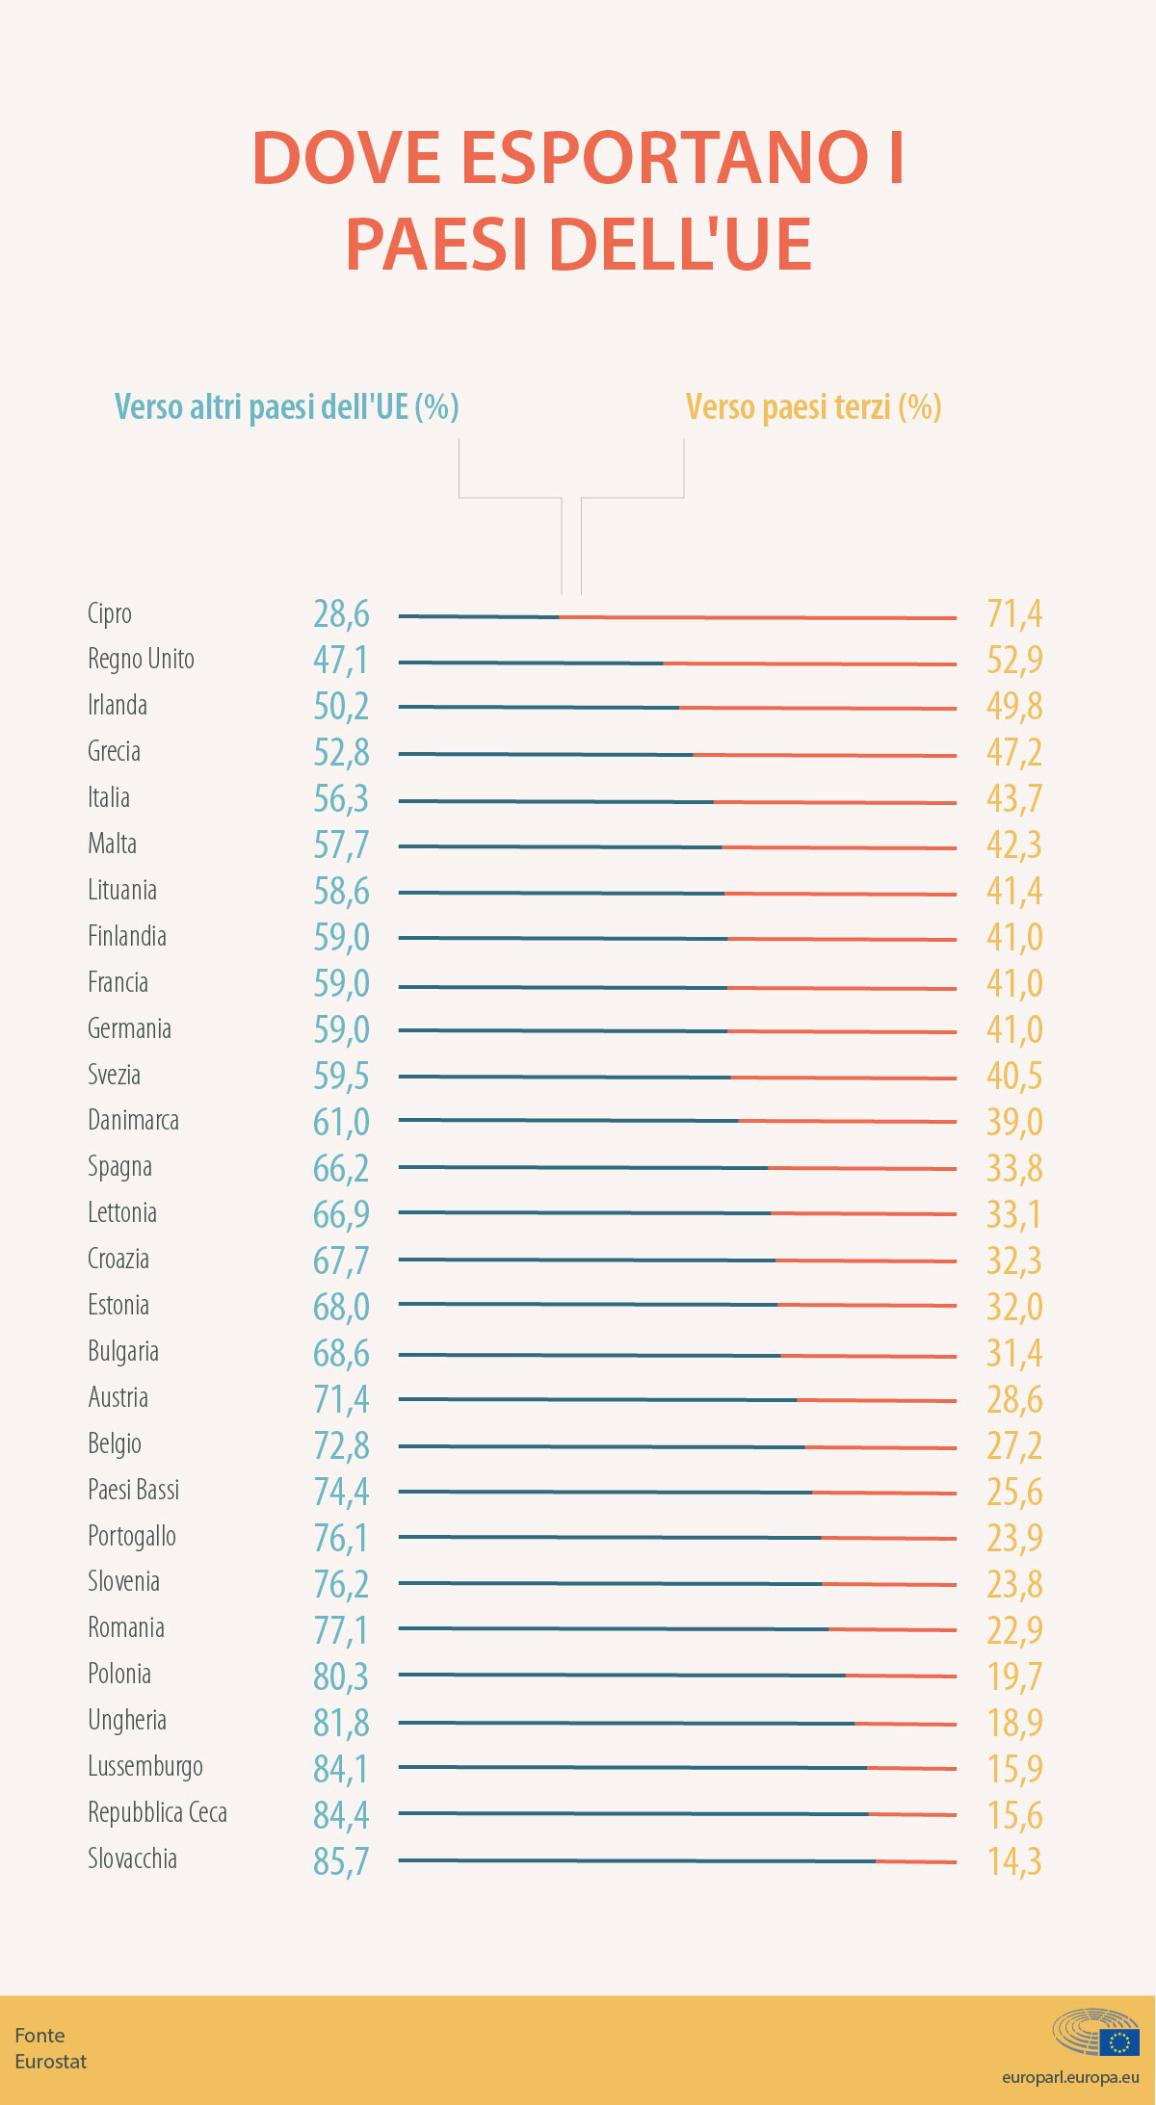 Infografica sulle esportazioni dei paesi membri dell'UE verso altri membri o verso paesi terzi